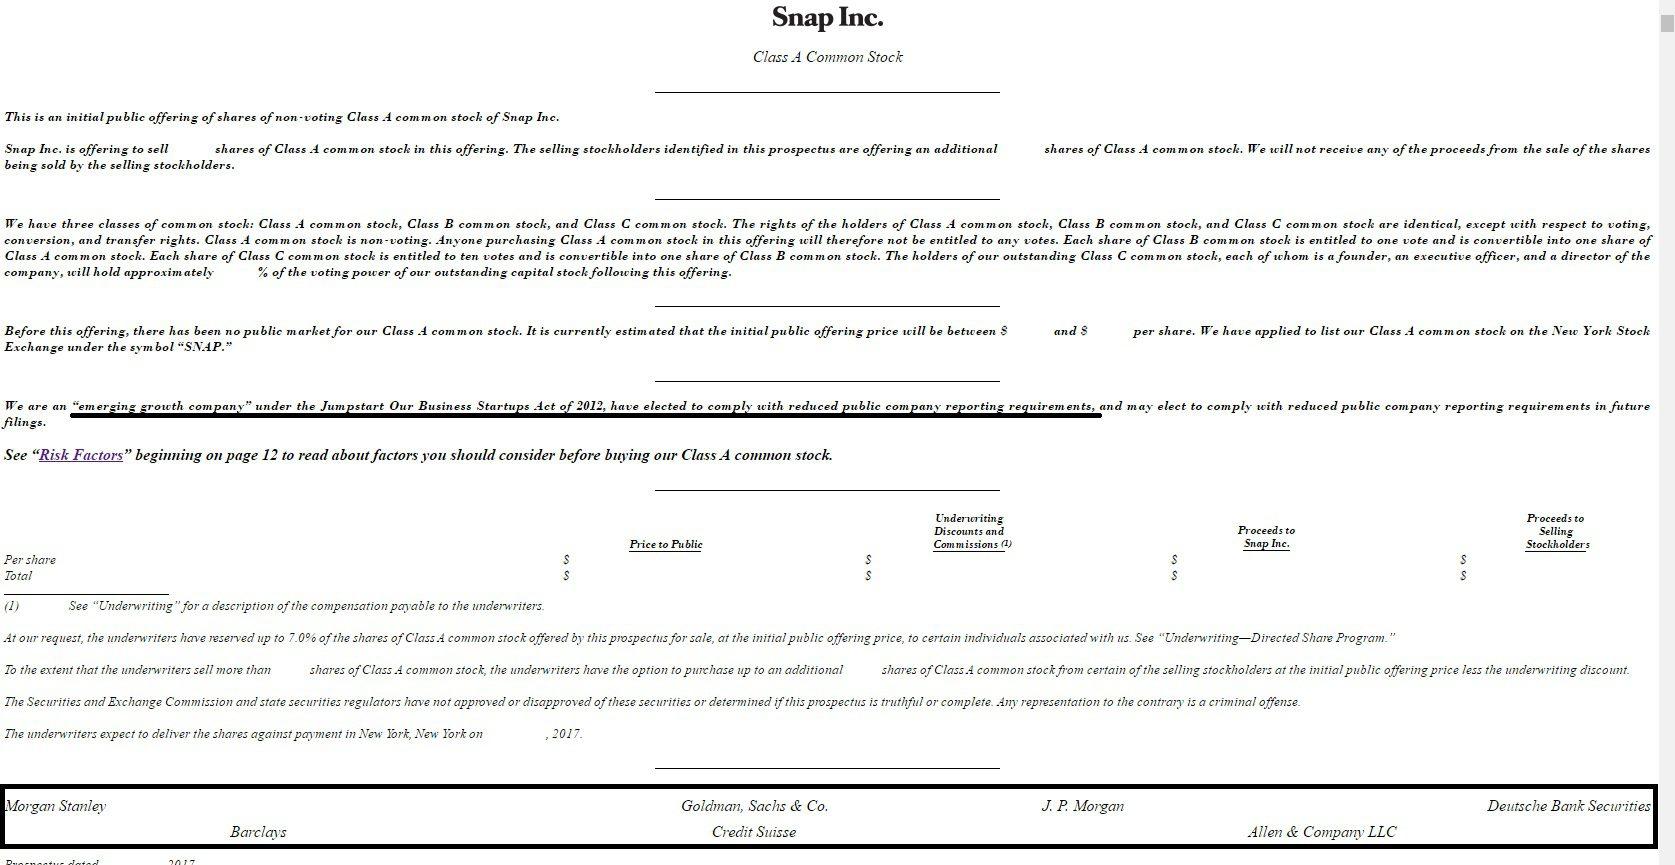 2-3-17 Snap SEC Form